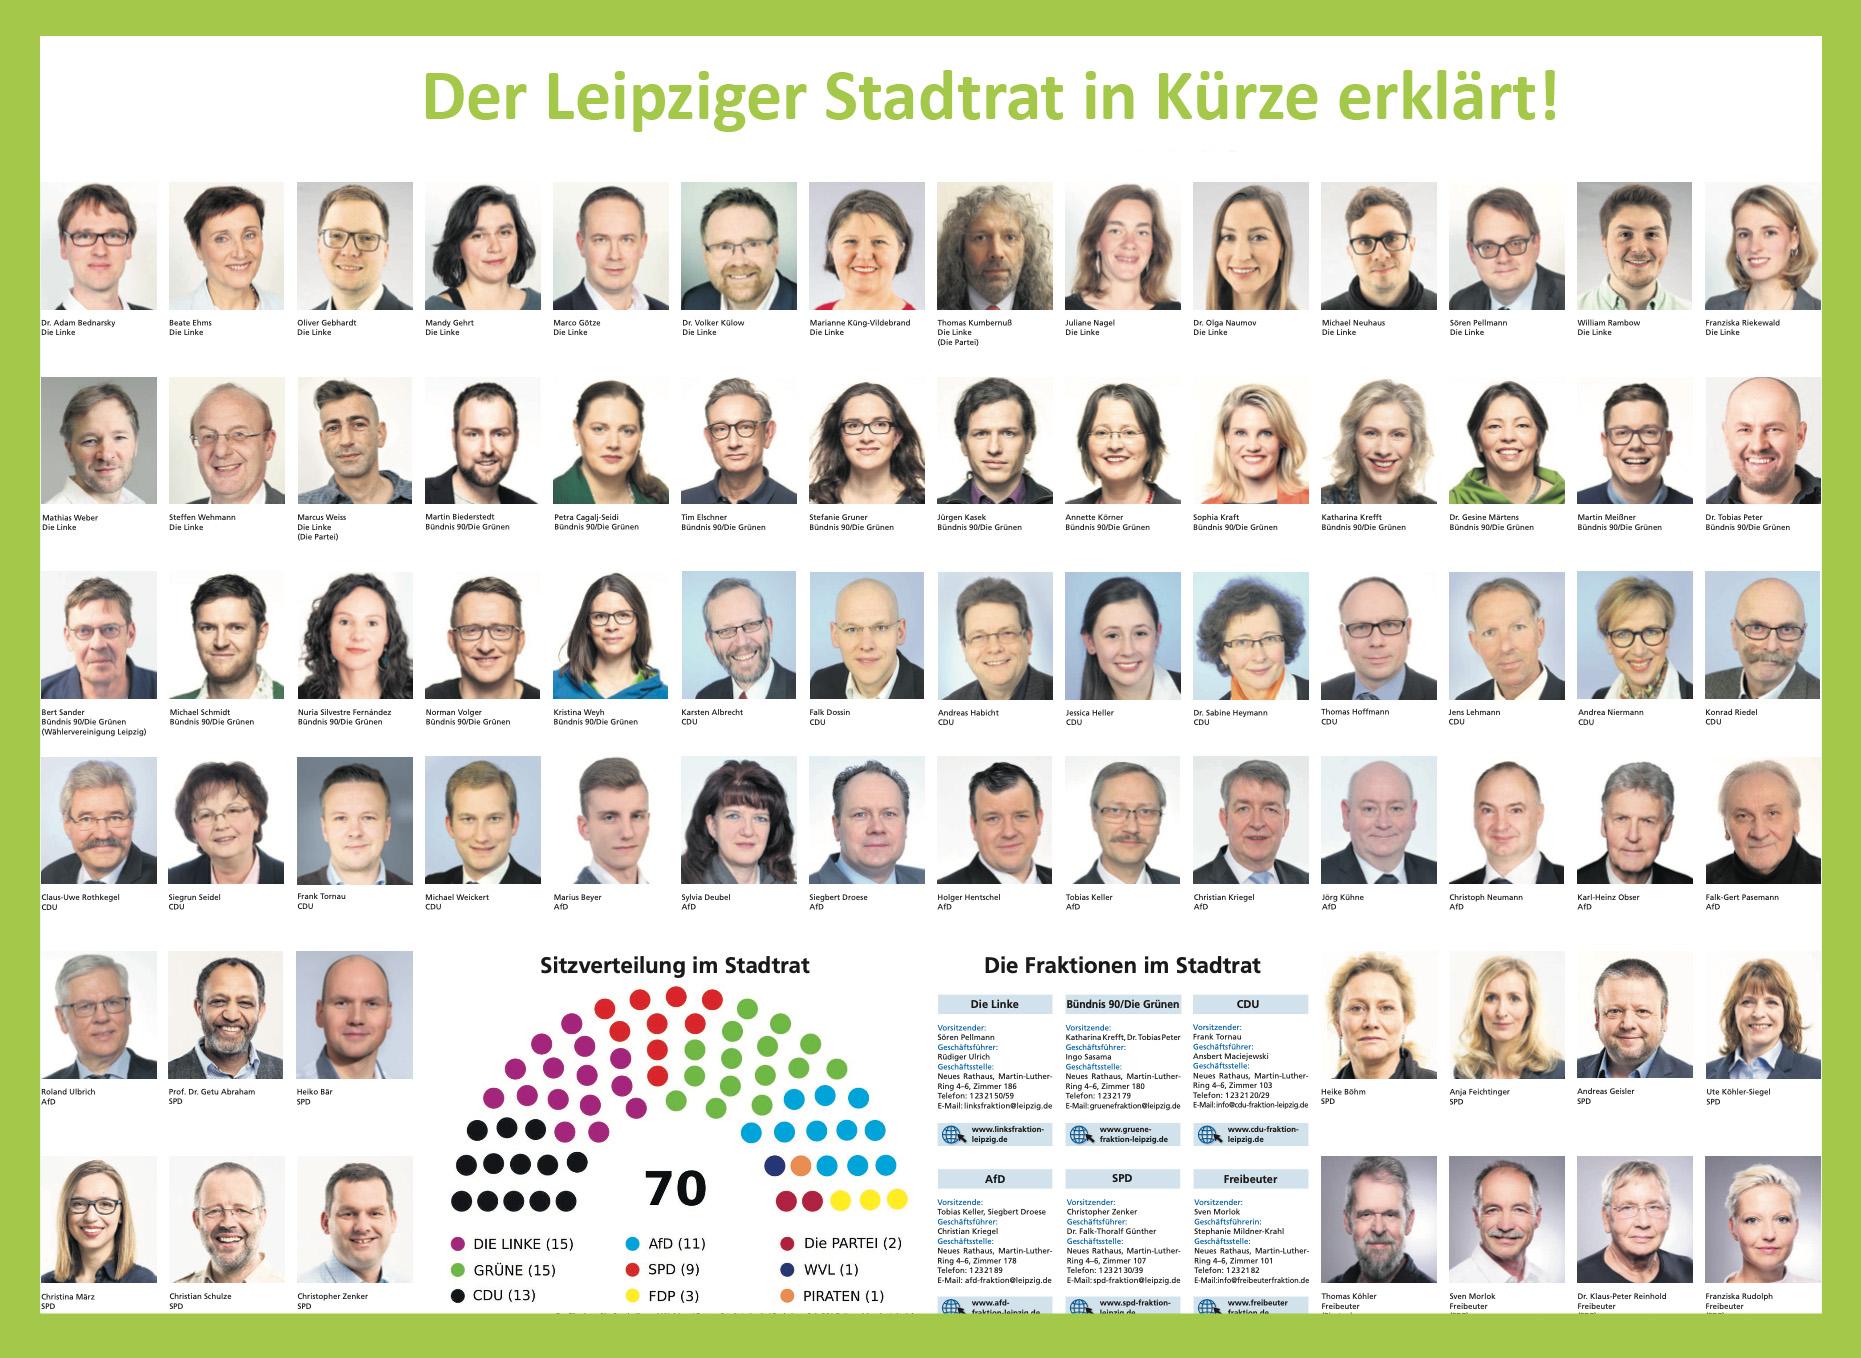 Der Stadtrat von Leipzig in Kürze erklärt!